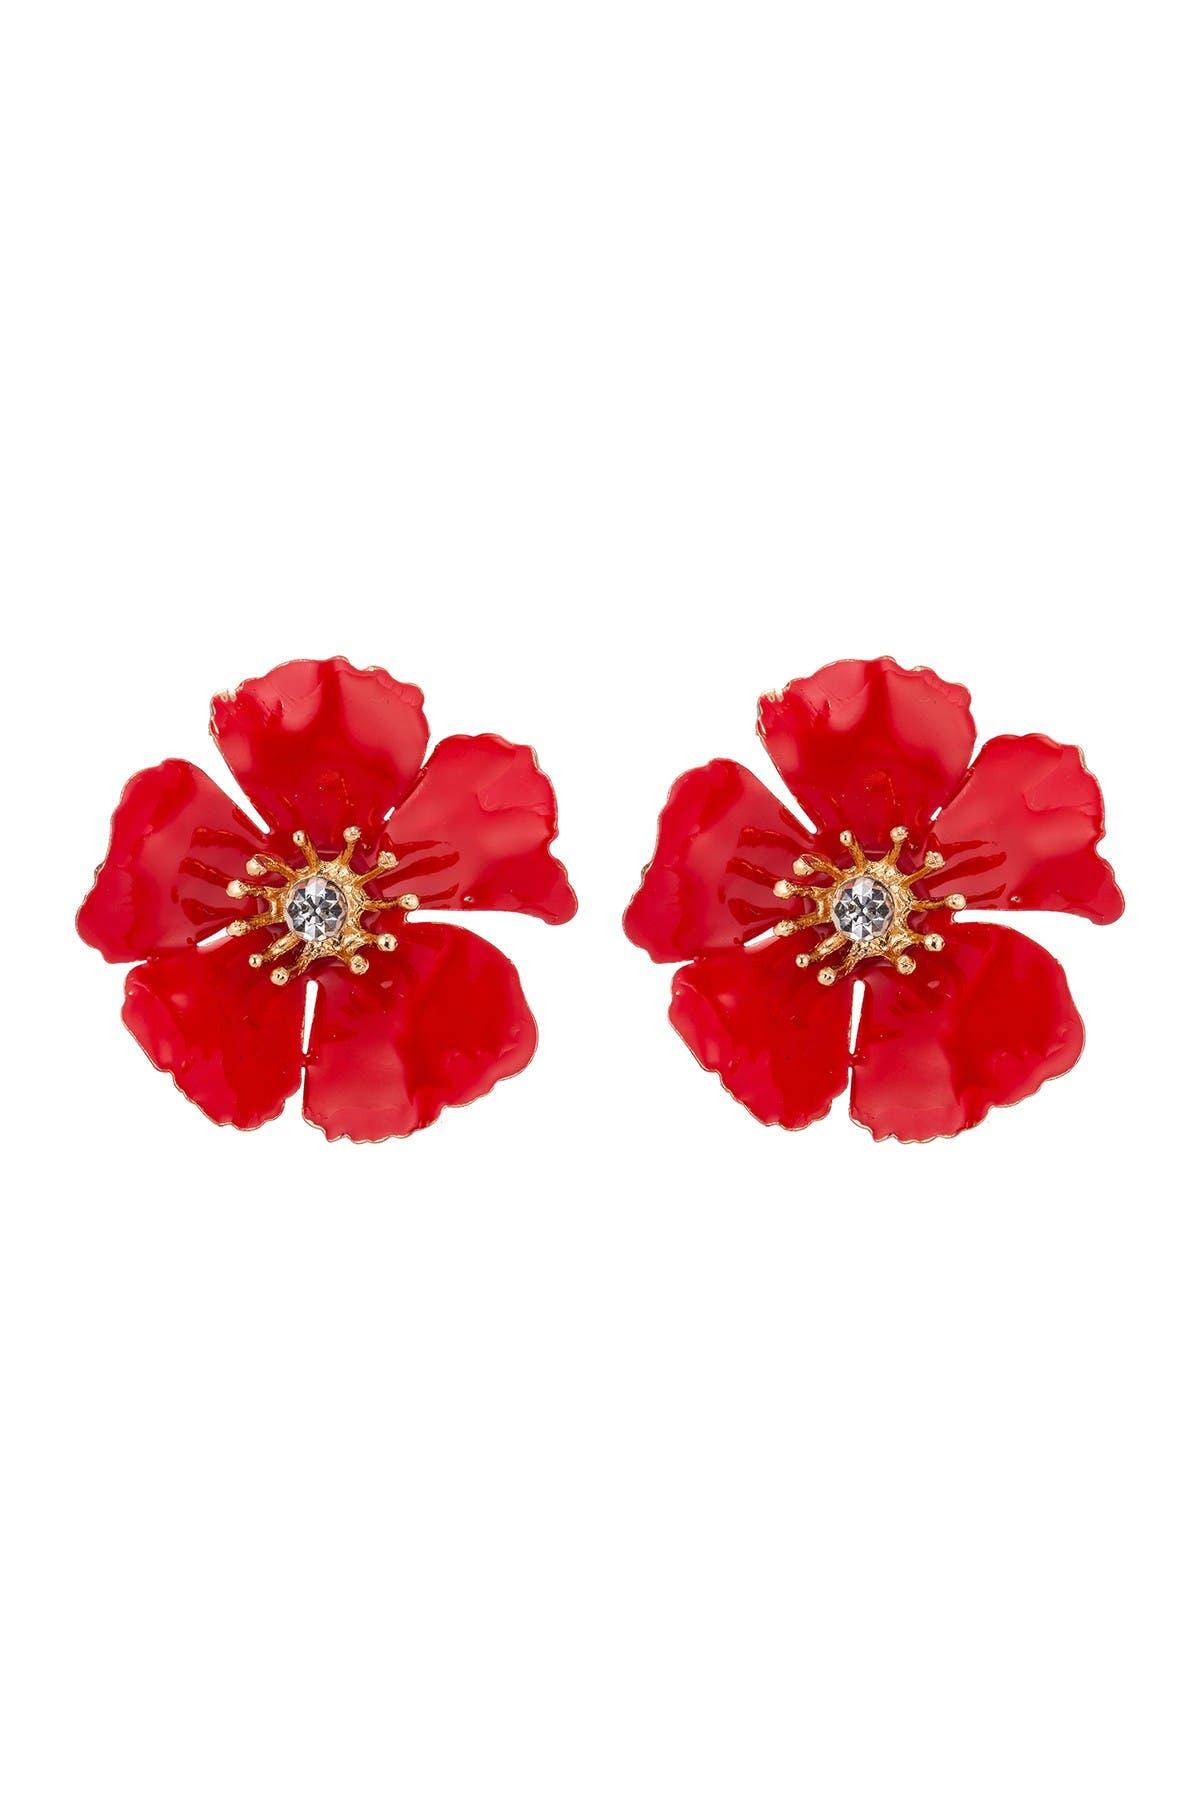 Image of Eye Candy Los Angeles Savannah Red Floral Earrings